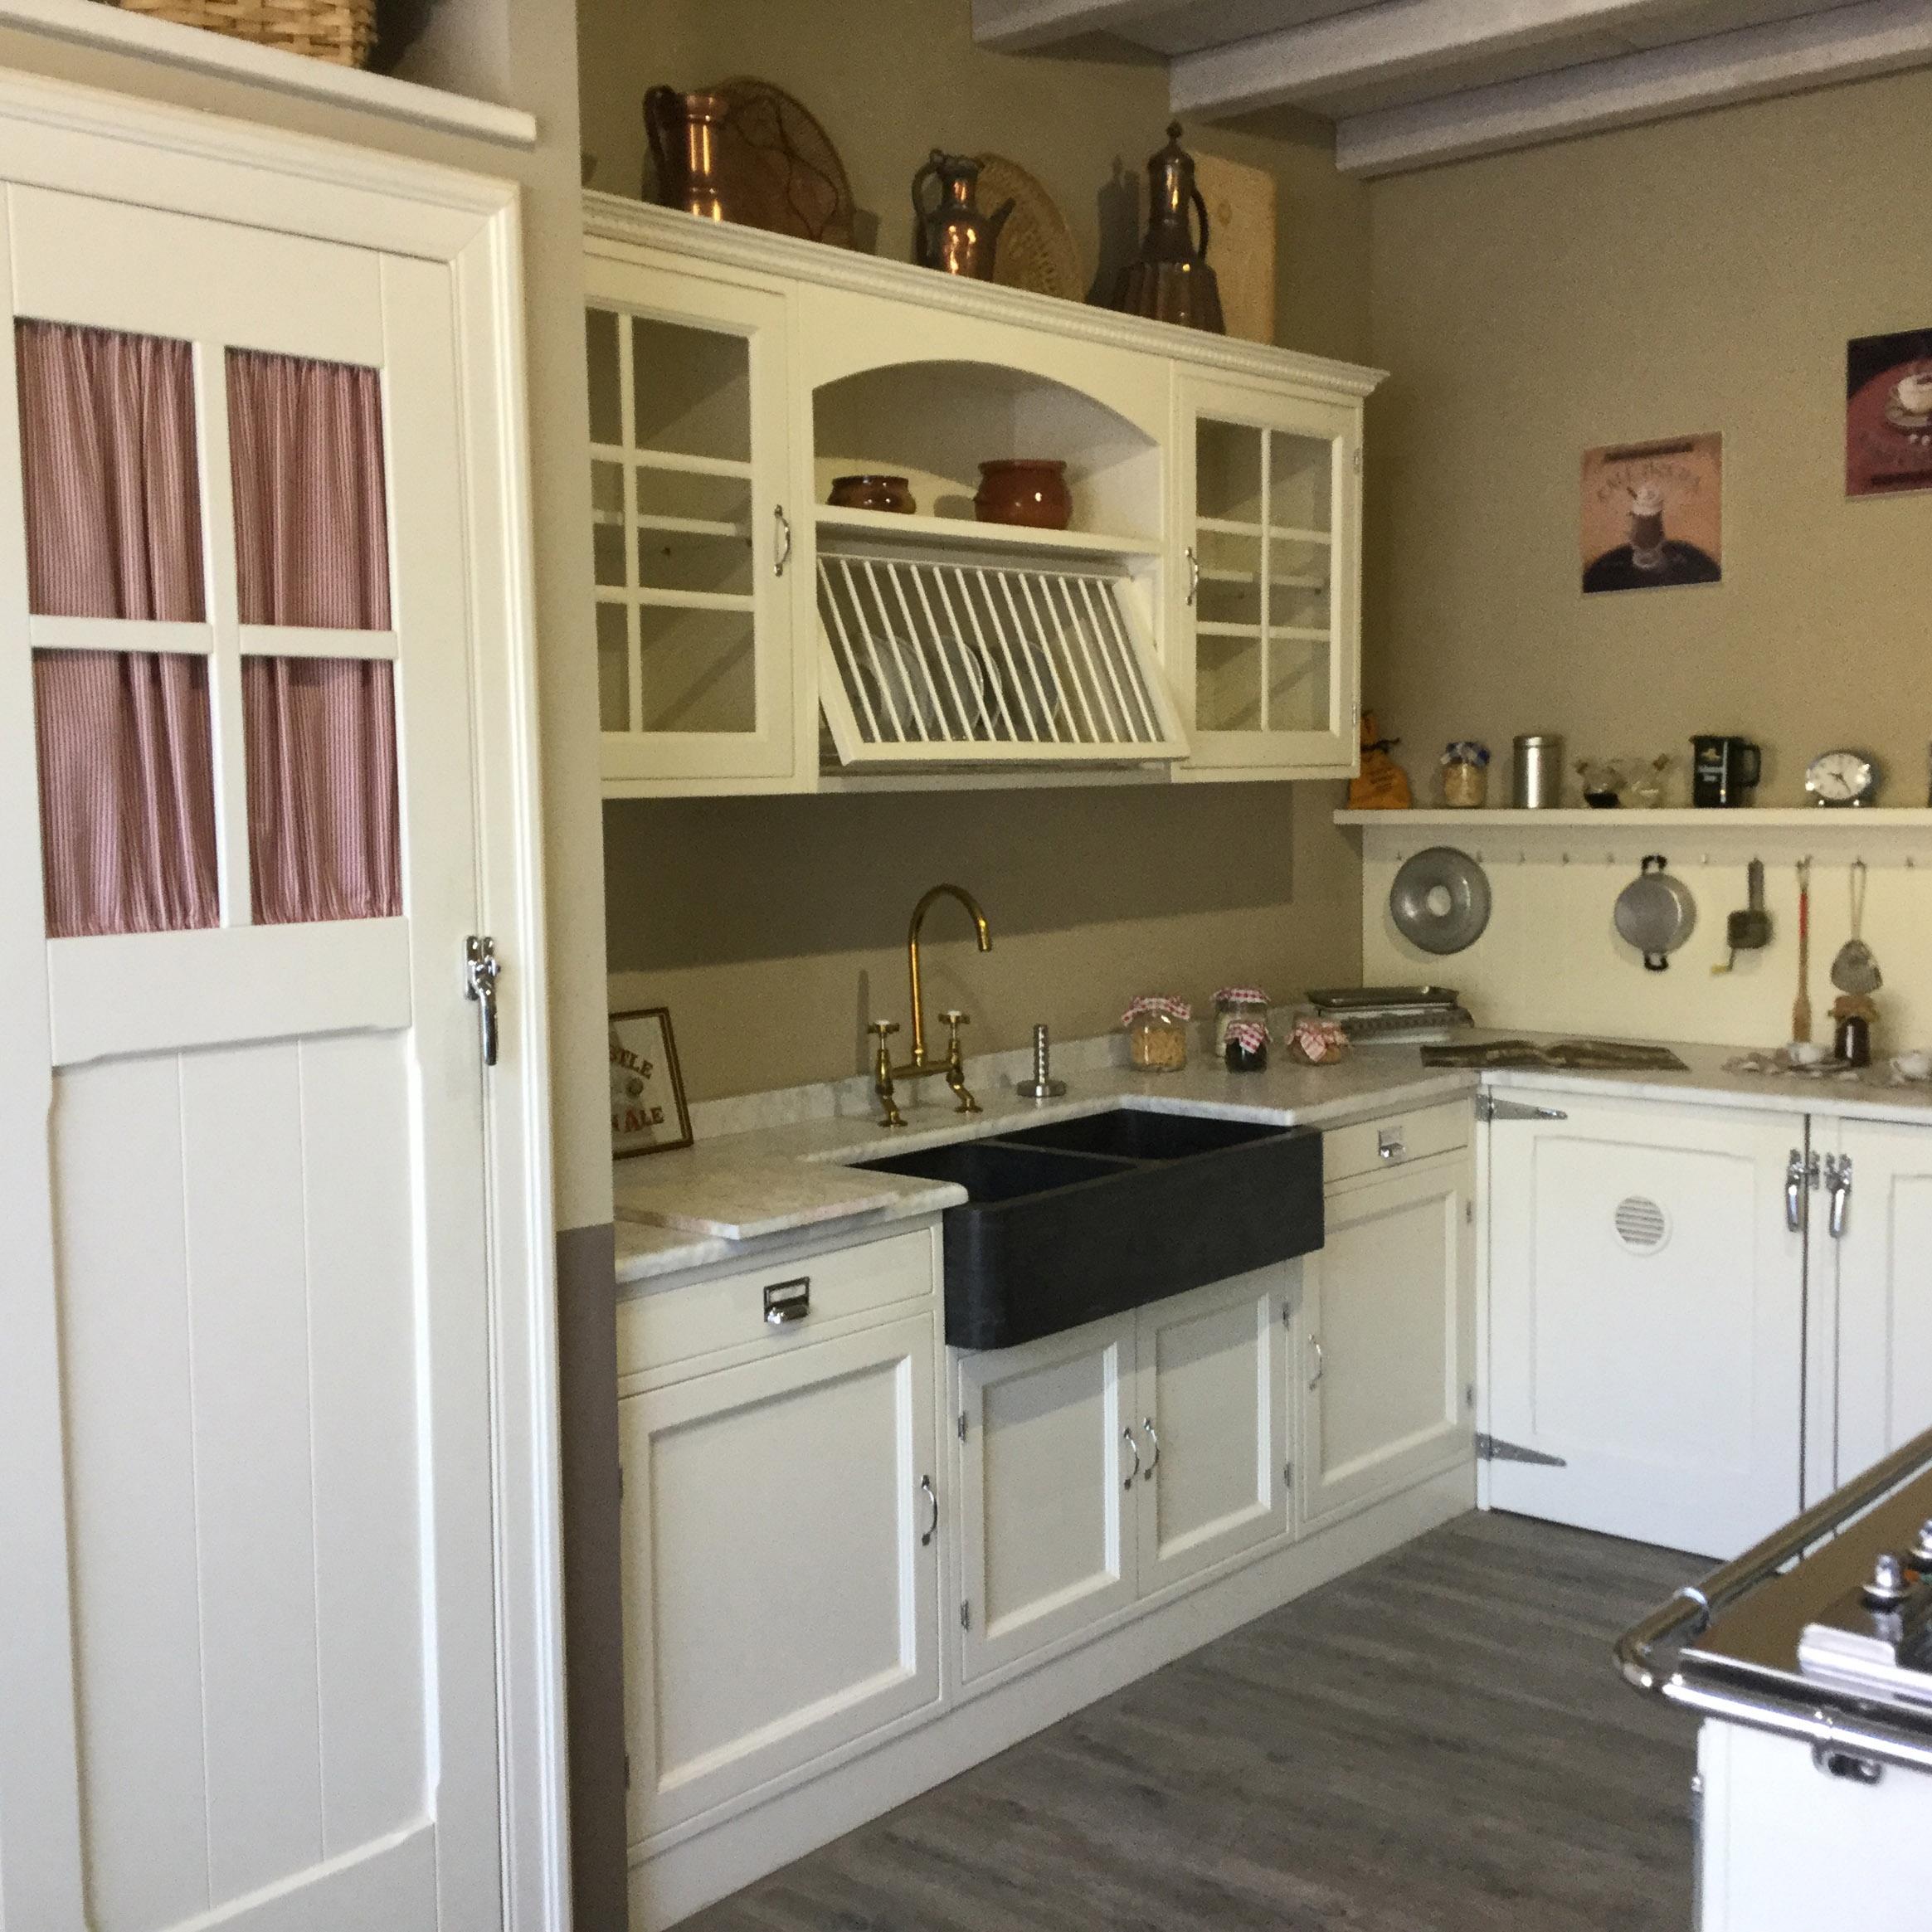 Marchi Cucine - Cucina Old England scontata del -45 % - Cucine a ...